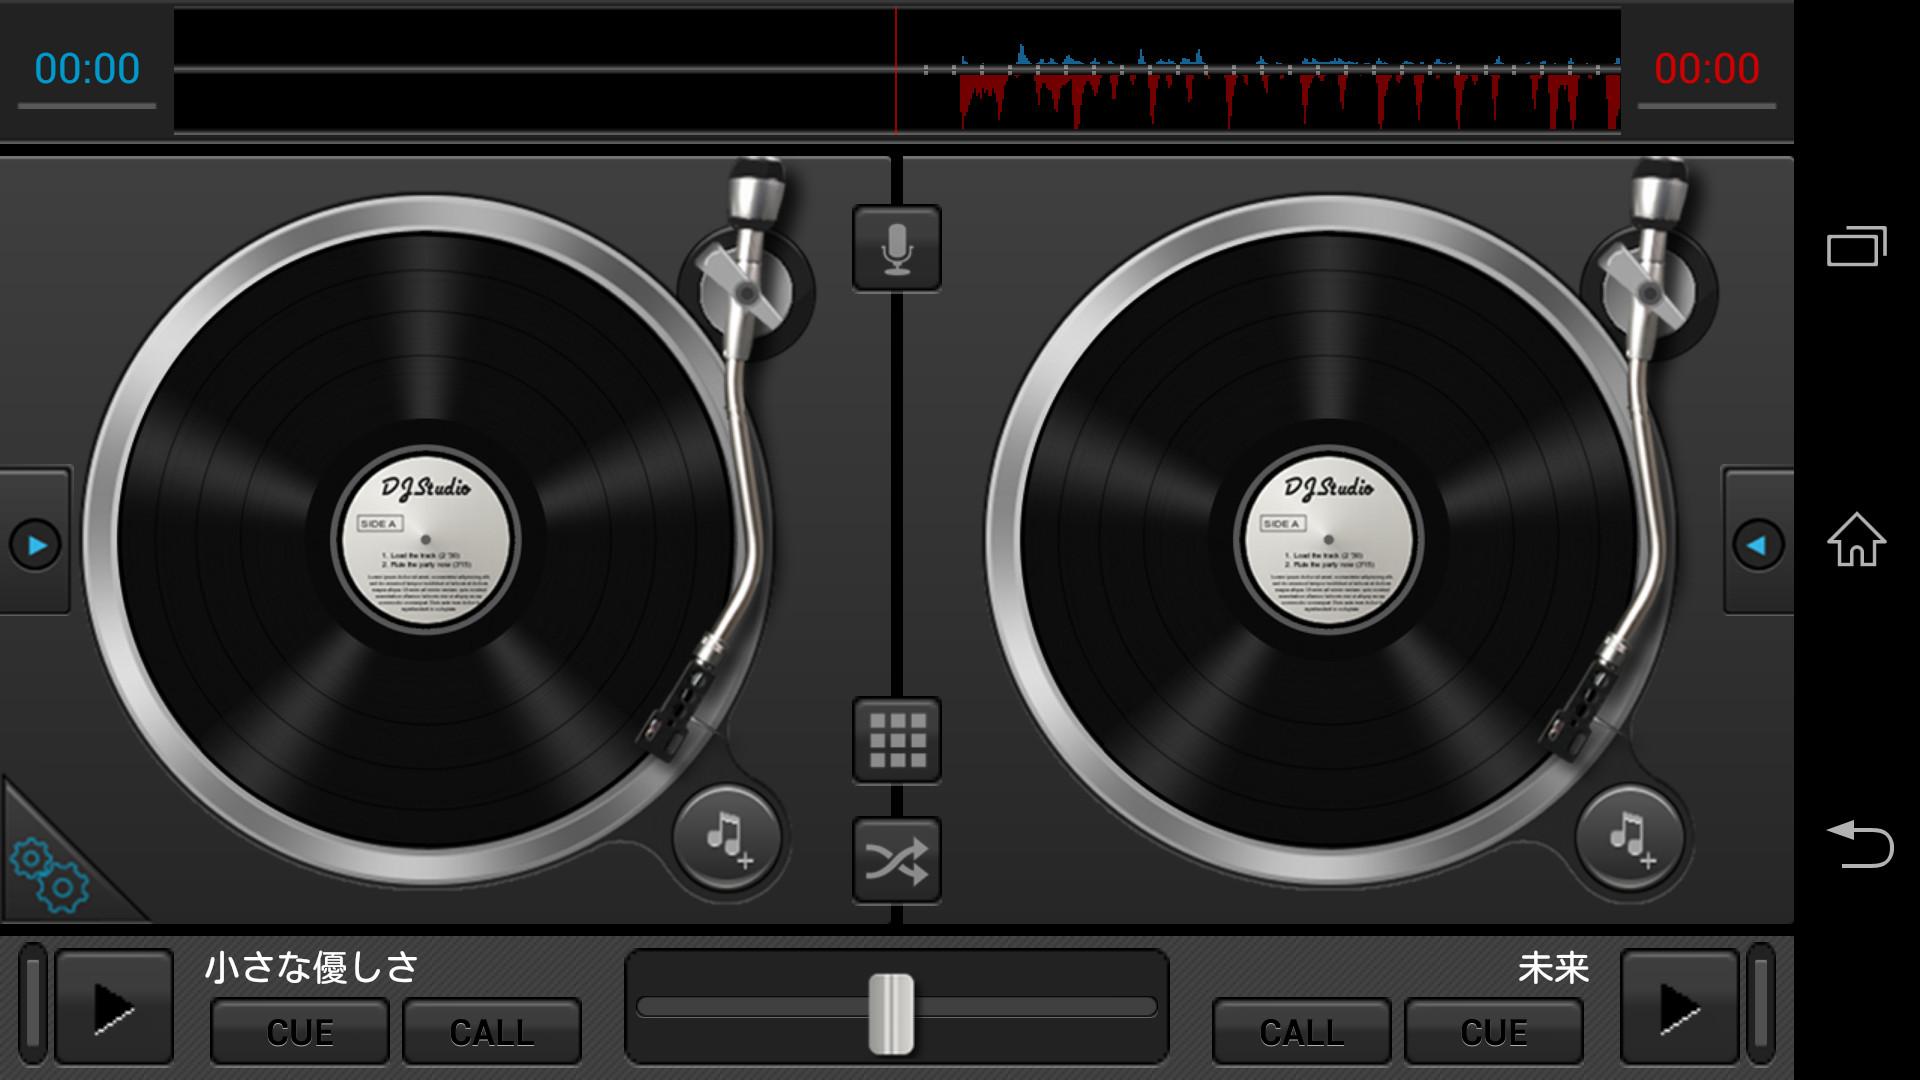 ターンテーブル右下の音符型ボタンから端末内の楽曲を選択してセットできる